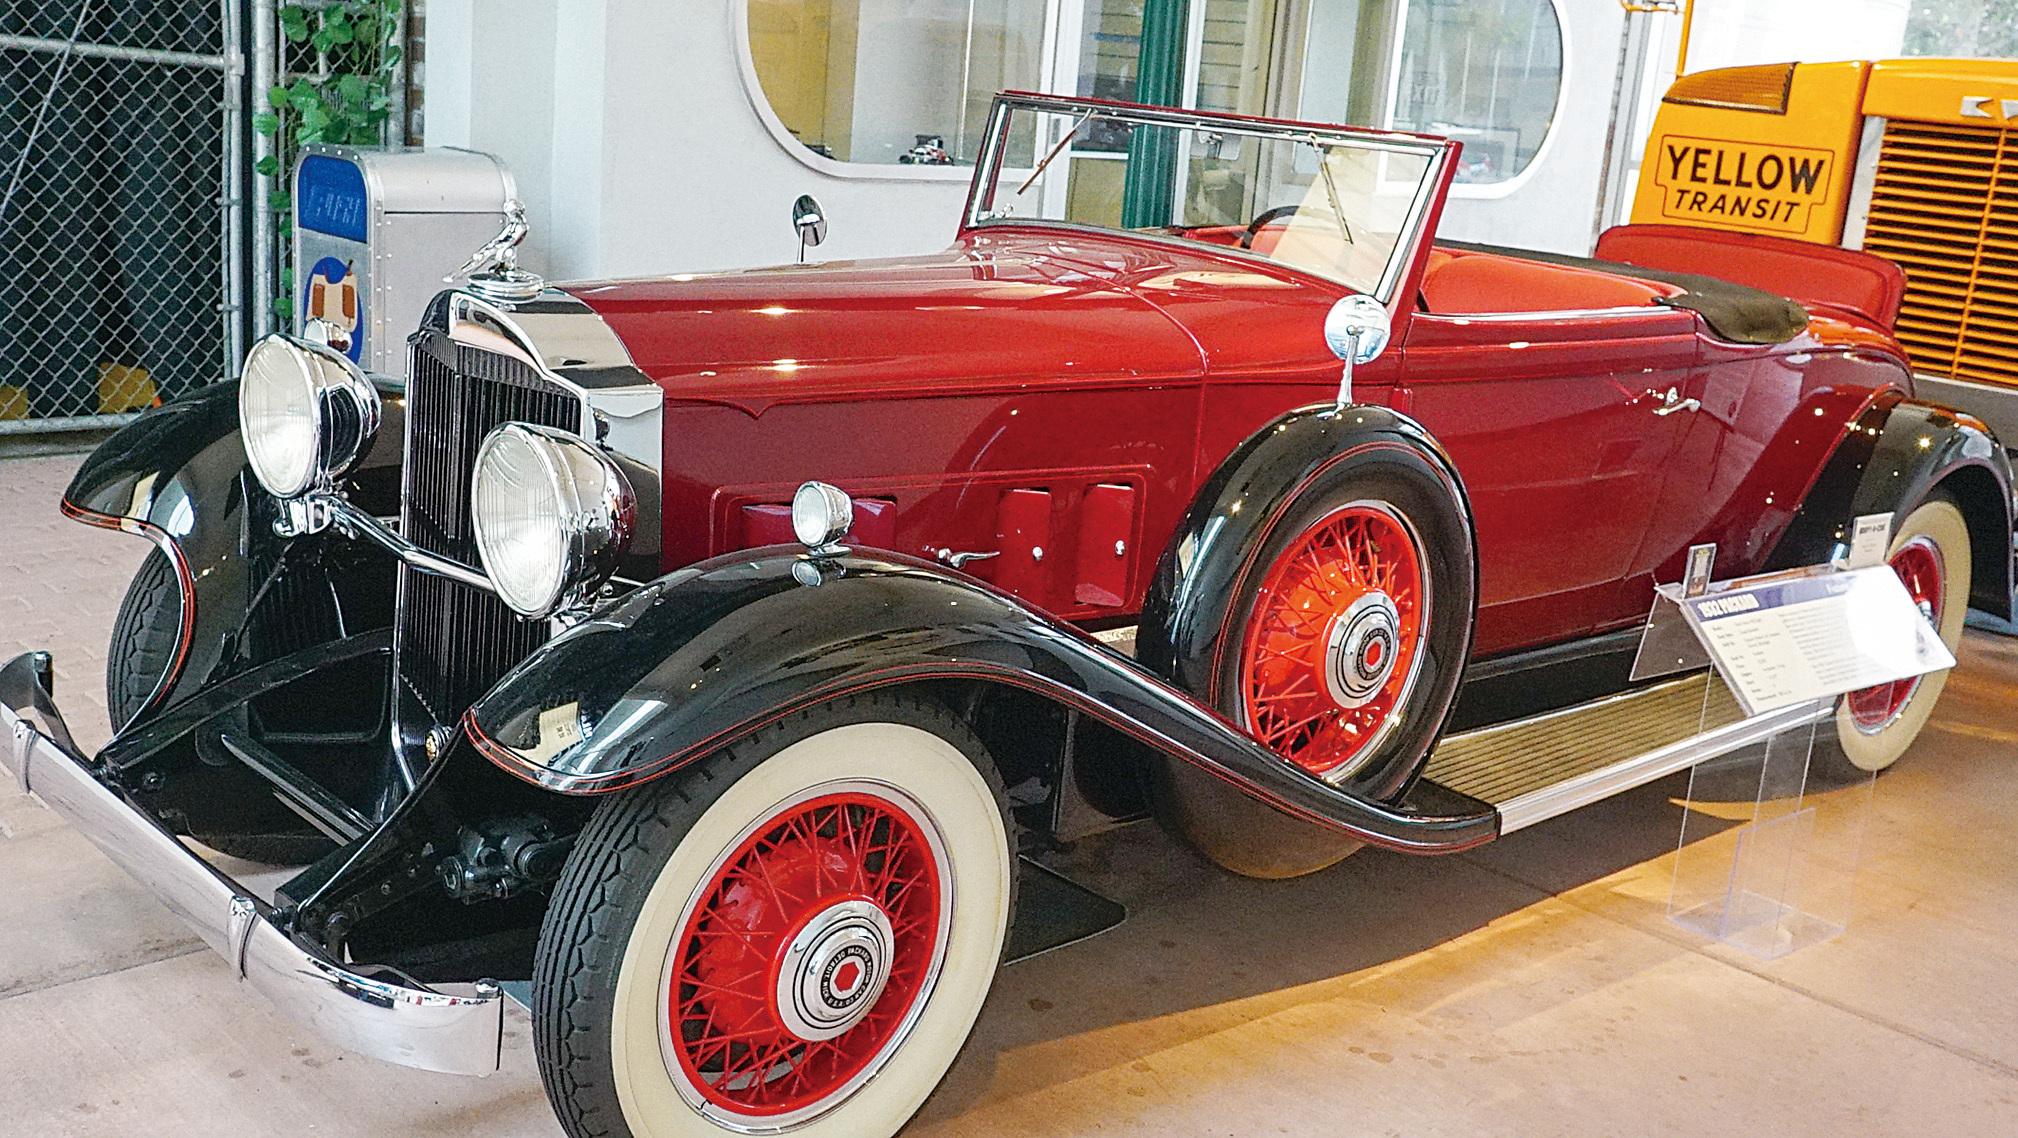 雷諾的「國家汽車博物館」收藏到1936年款帕卡德Packard老爺車。(李旭生/大紀元)